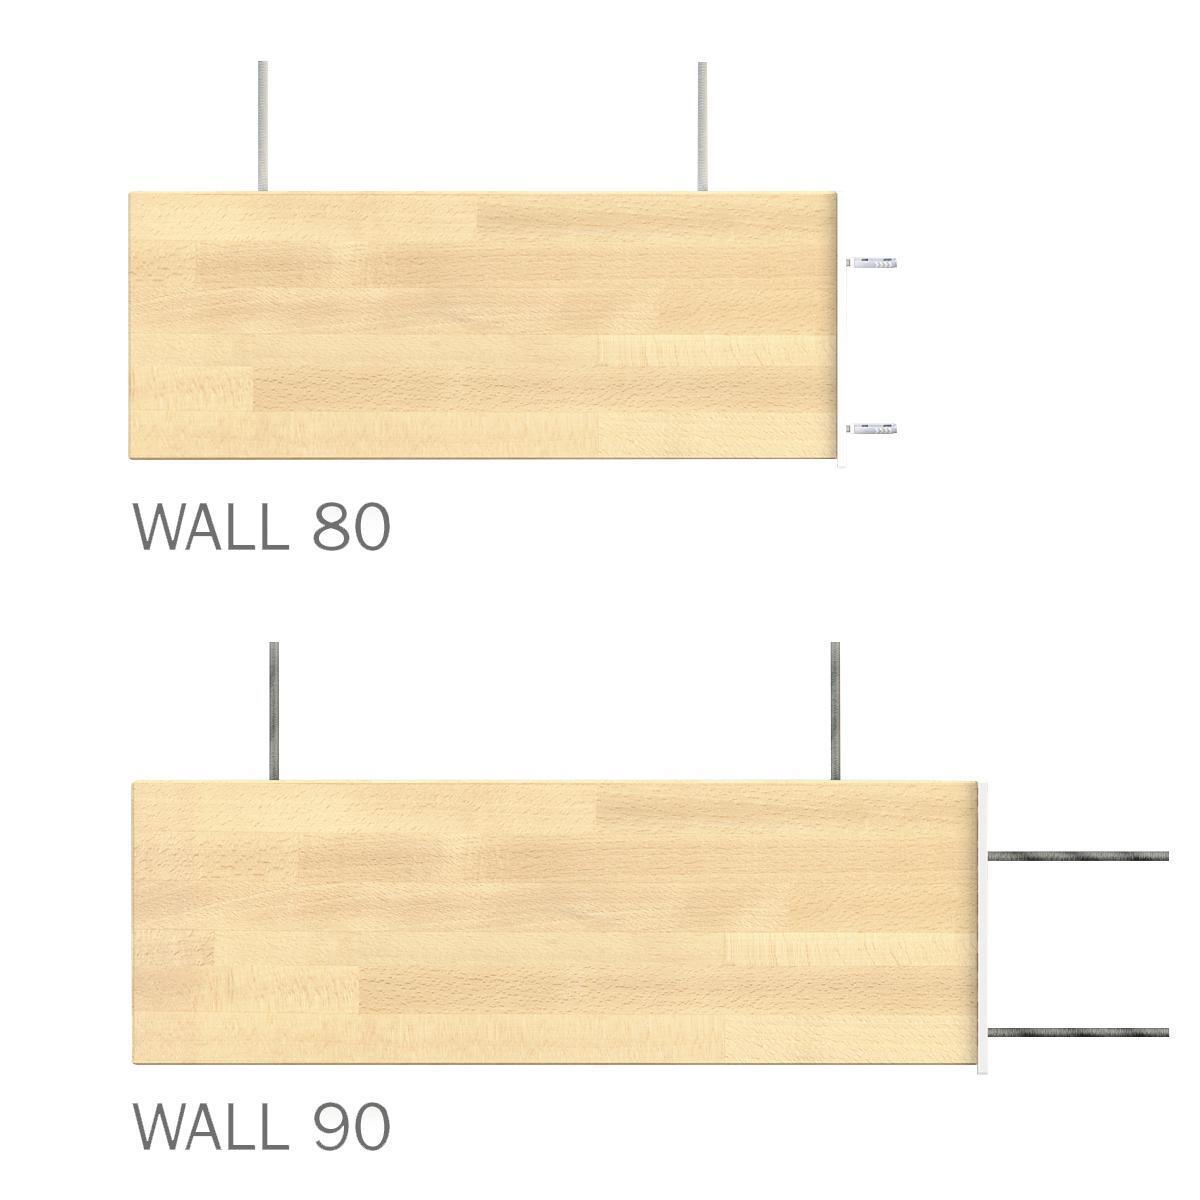 Gradino Wall Finale in legno bianco L 800 mm H 300 mm - 3